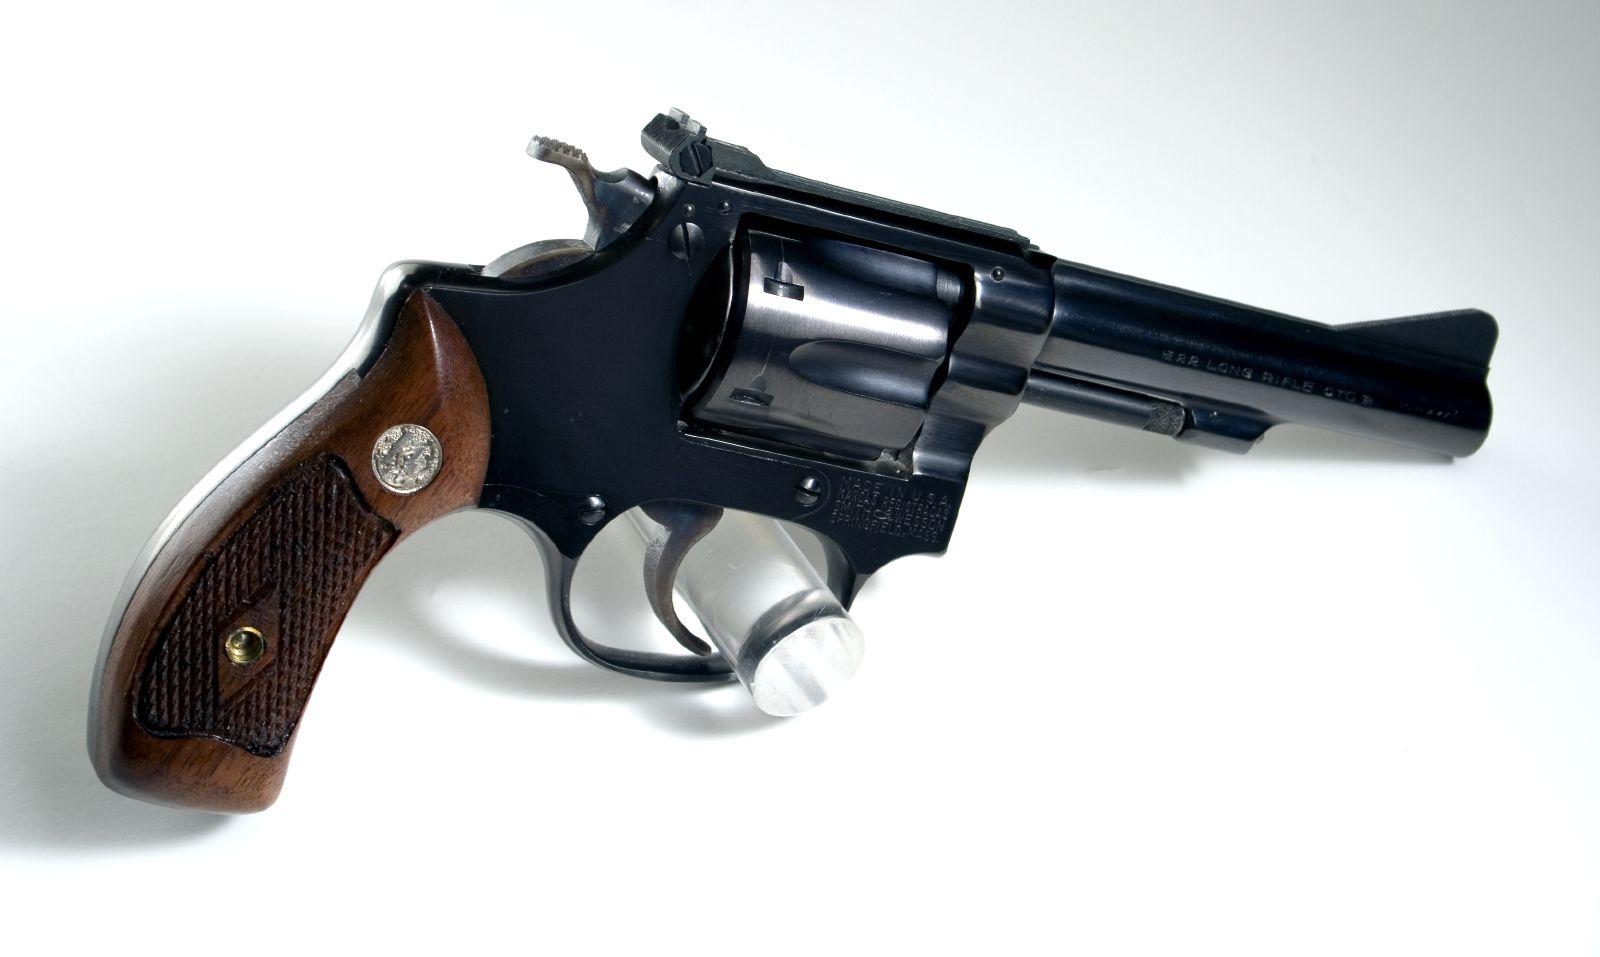 22/32 Kit Gun